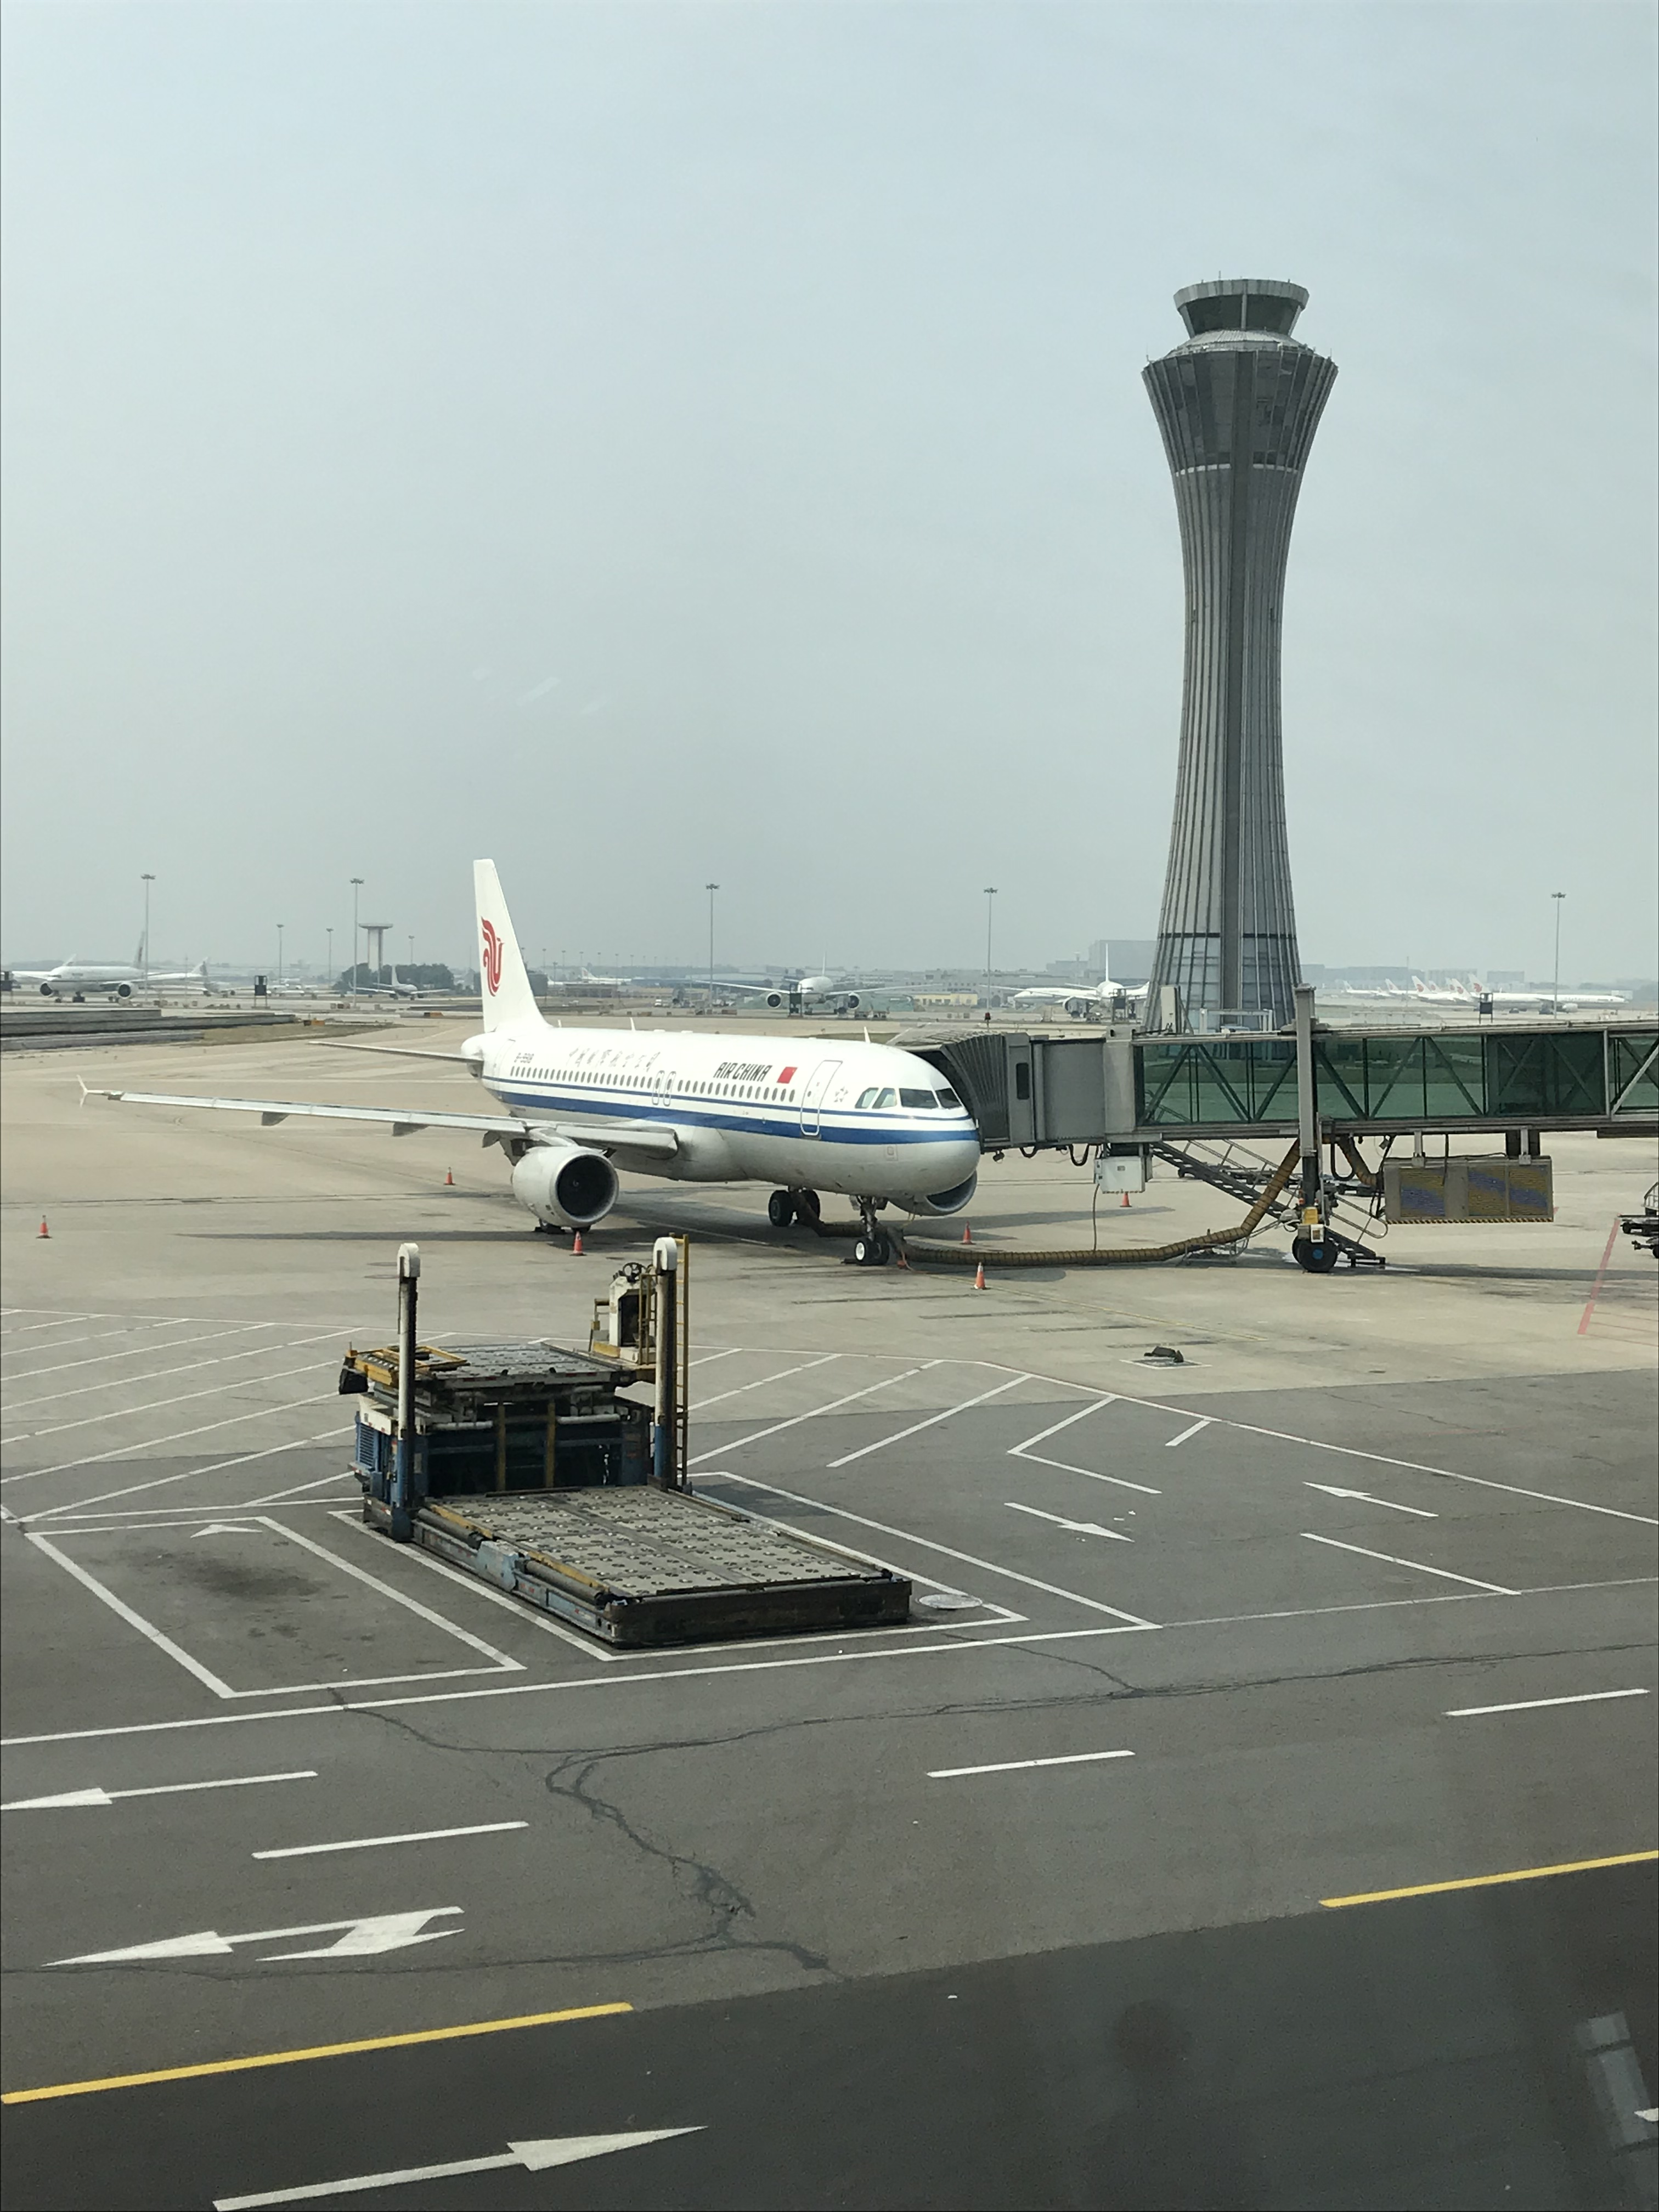 カザフスタンへの一人旅 1日目 恐怖の北京空港の乗り継ぎと2時間遅れのヌルスルタン到着